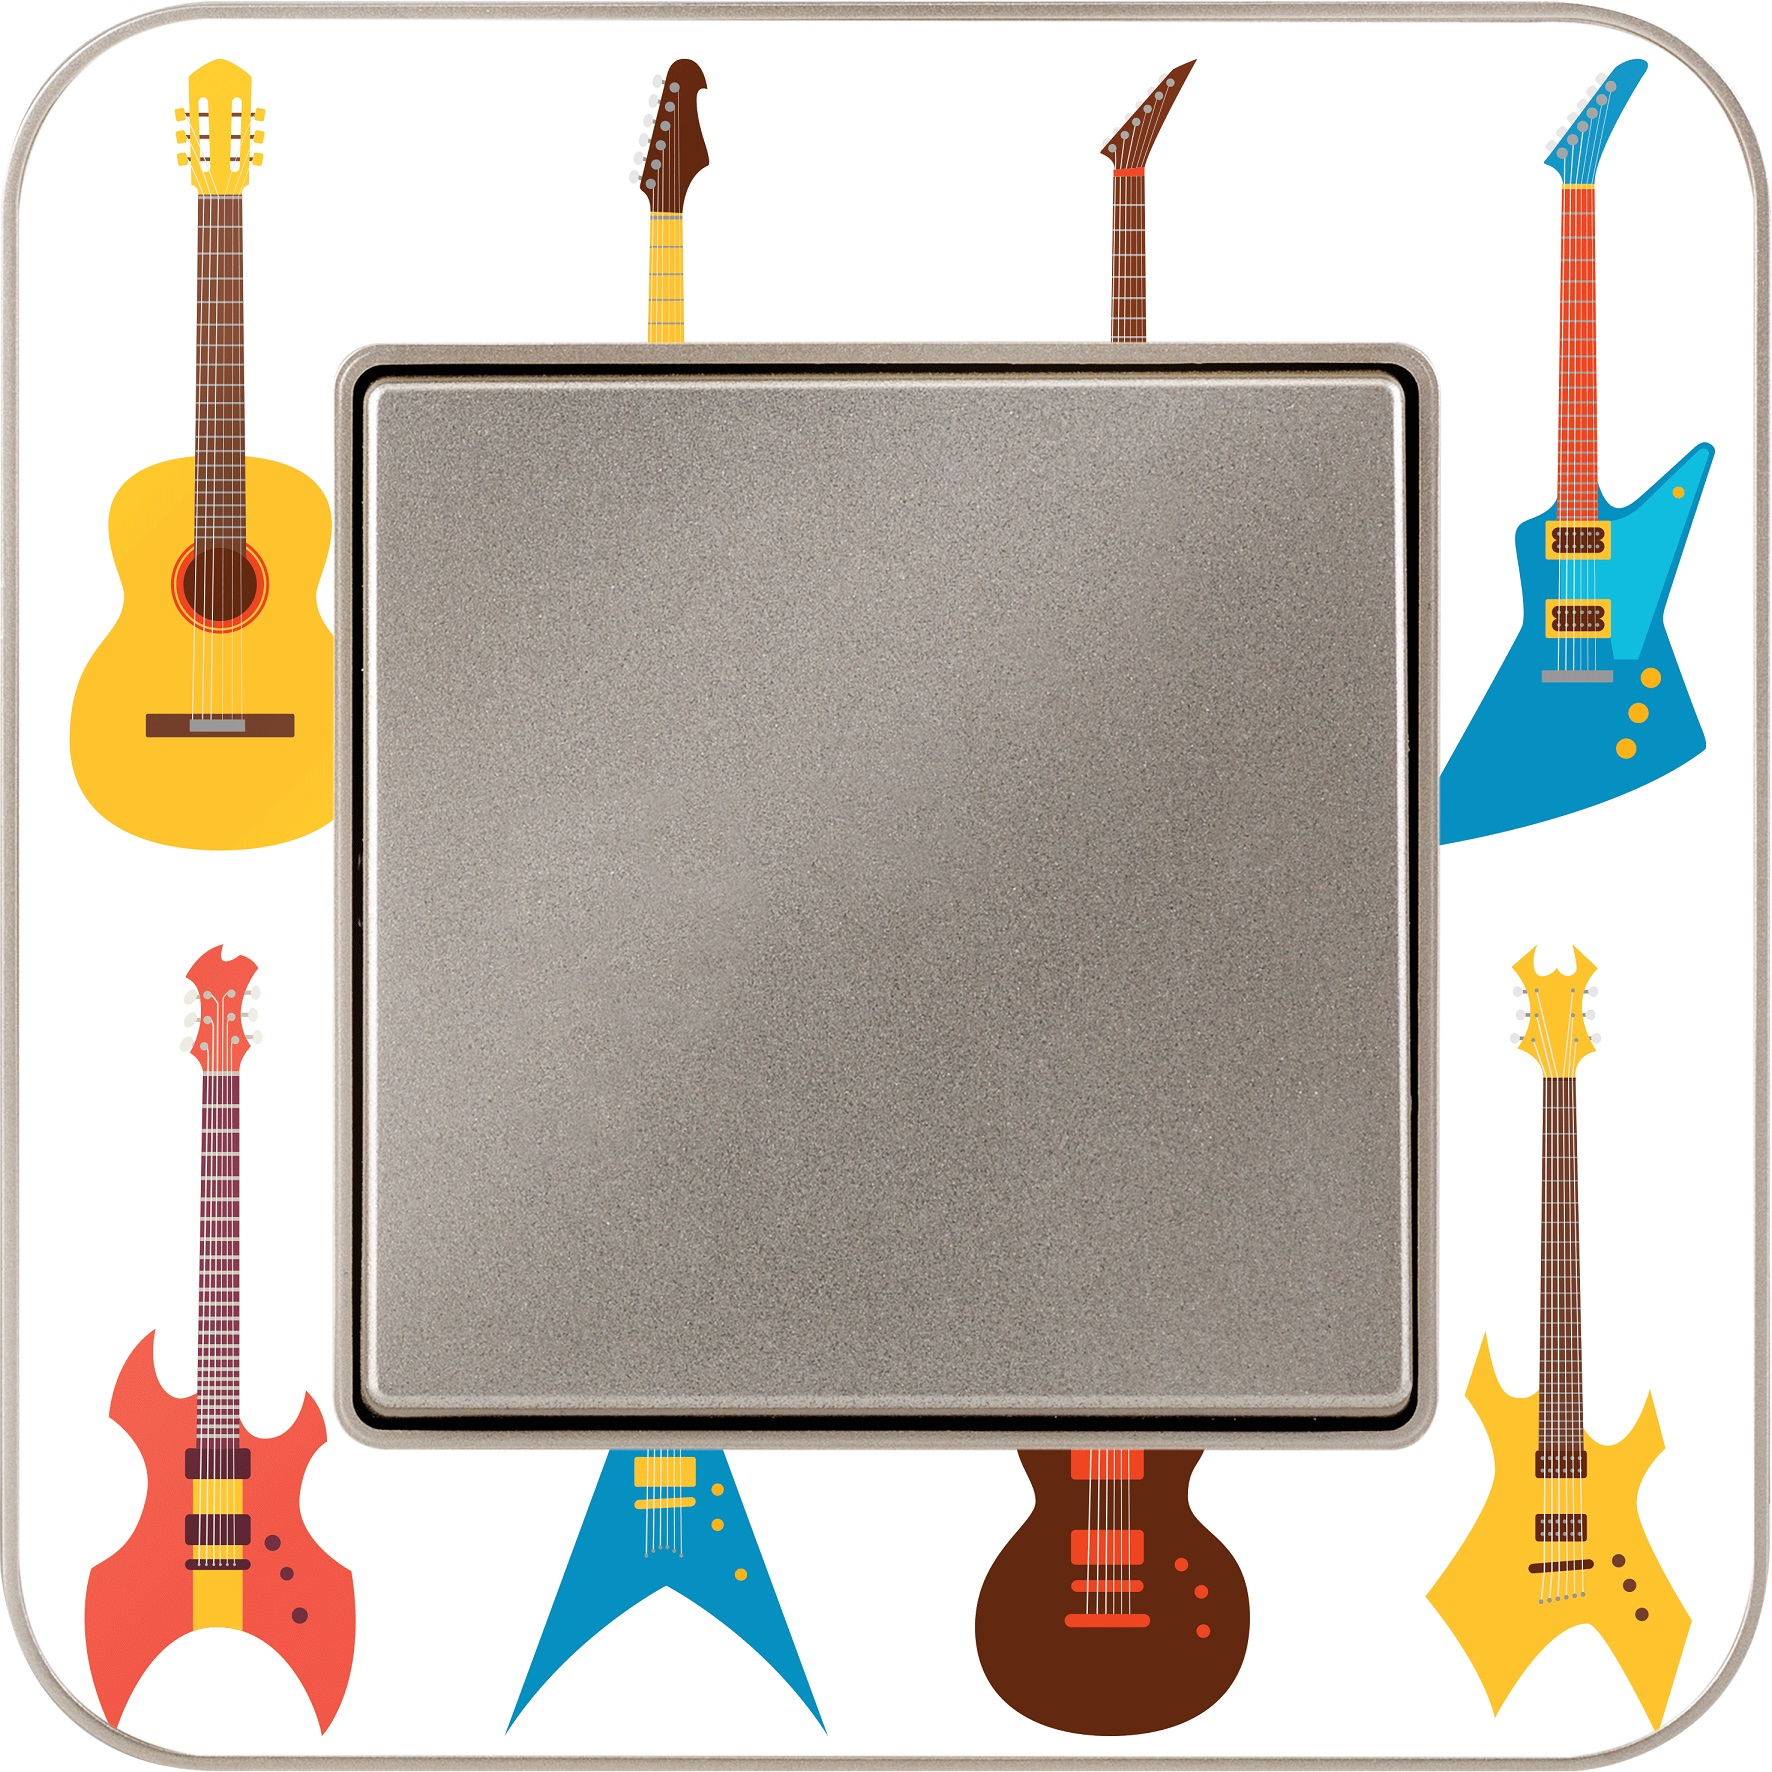 Gunsan Radius Guitar